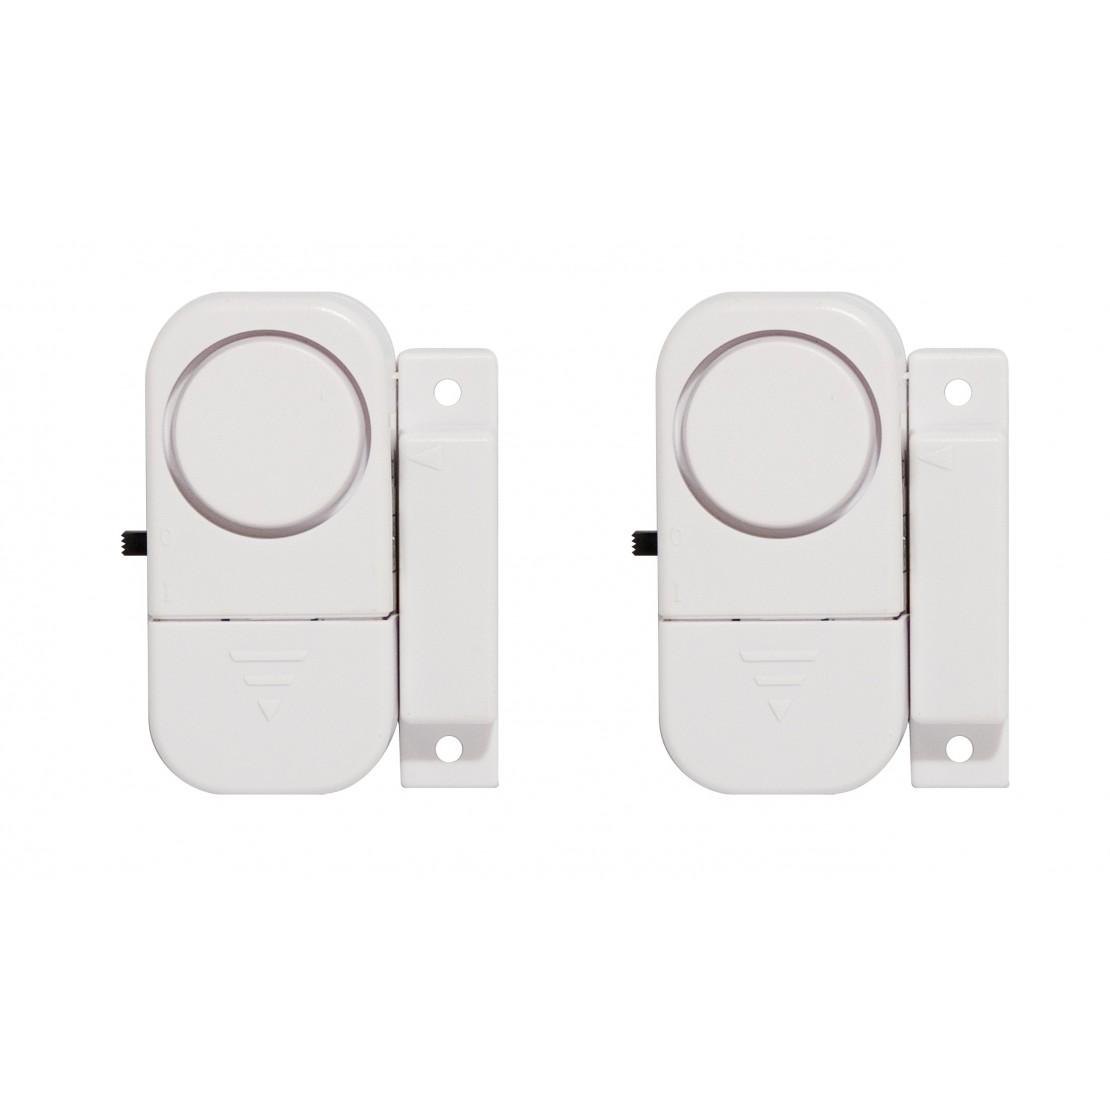 Pack 2 mini alarmas condetección magnética